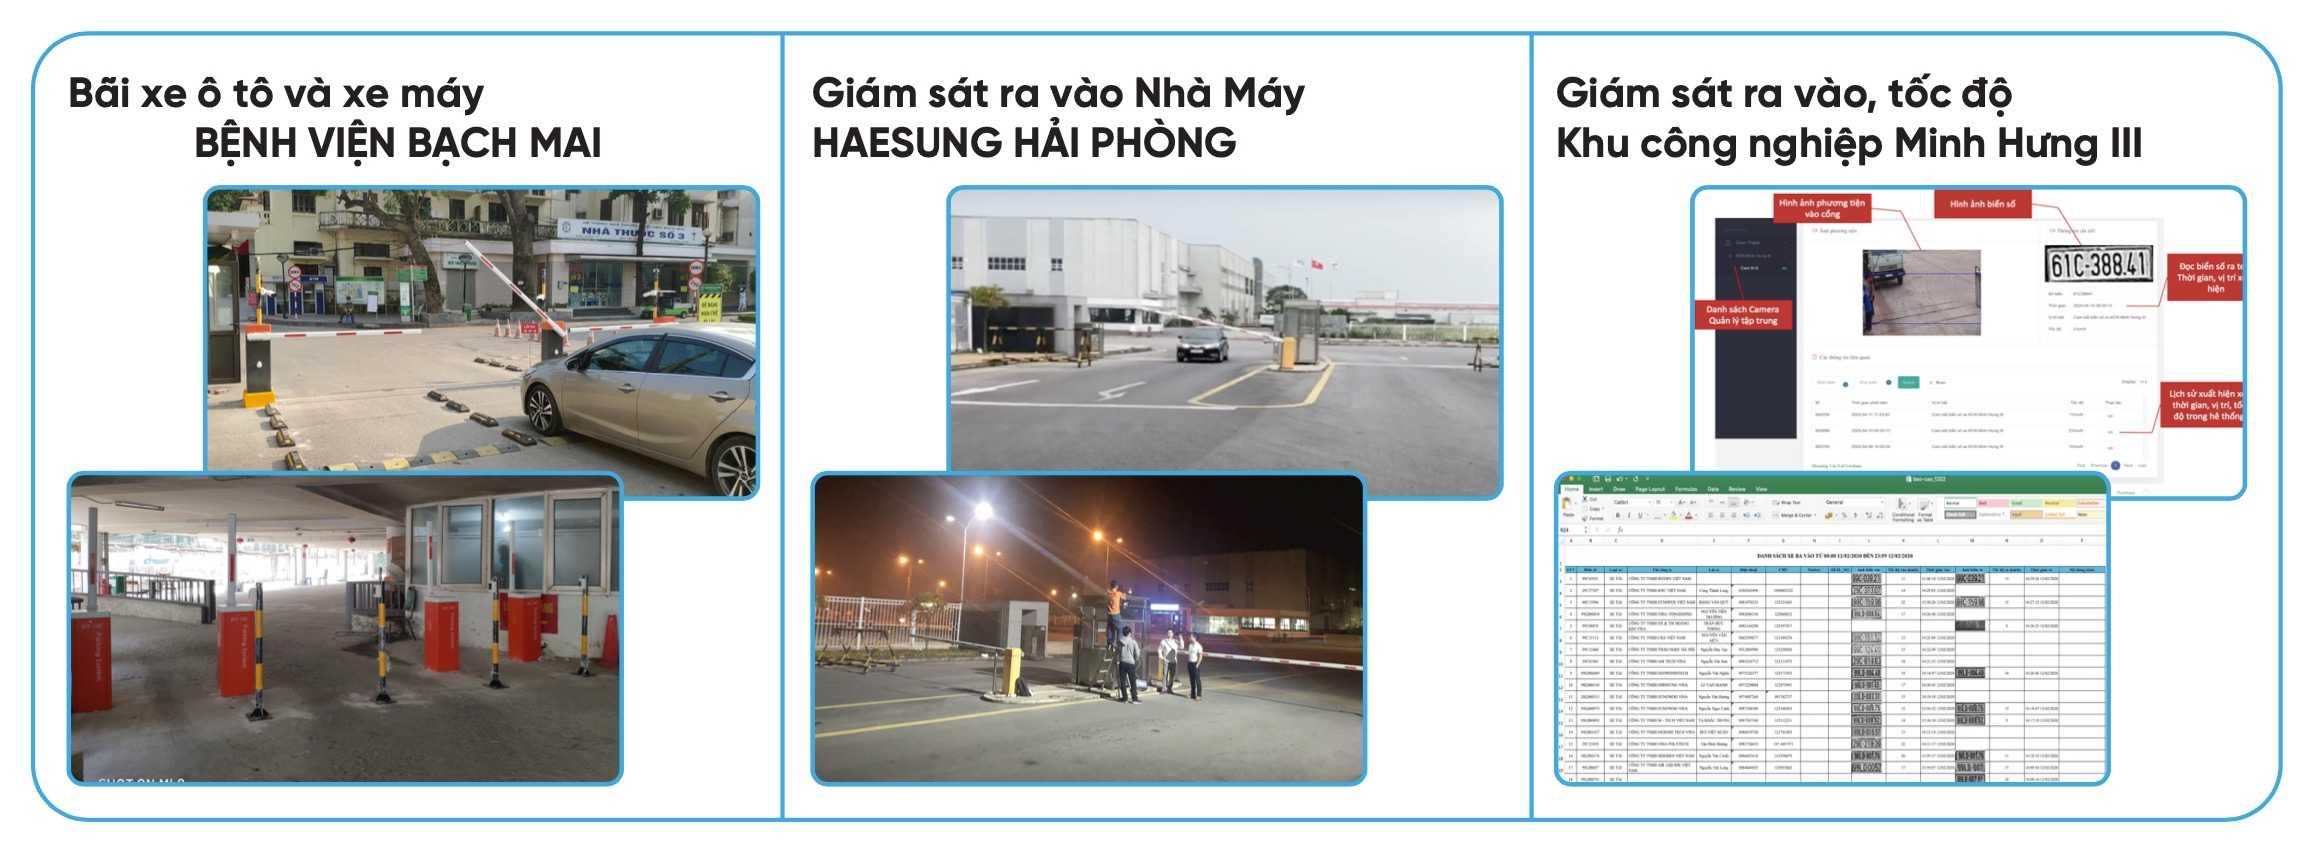 Aiparking Trien Khai Thuc Te